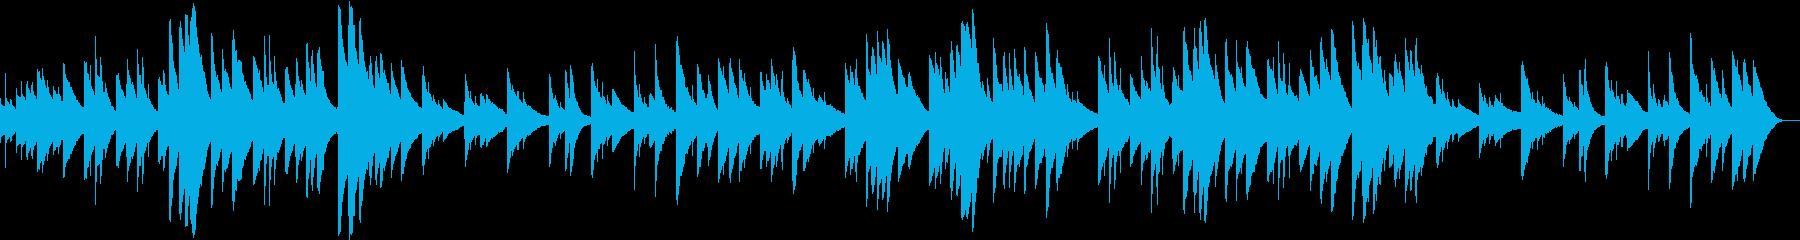 哀愁漂う旋律が心に染み入るチェレスタの曲の再生済みの波形